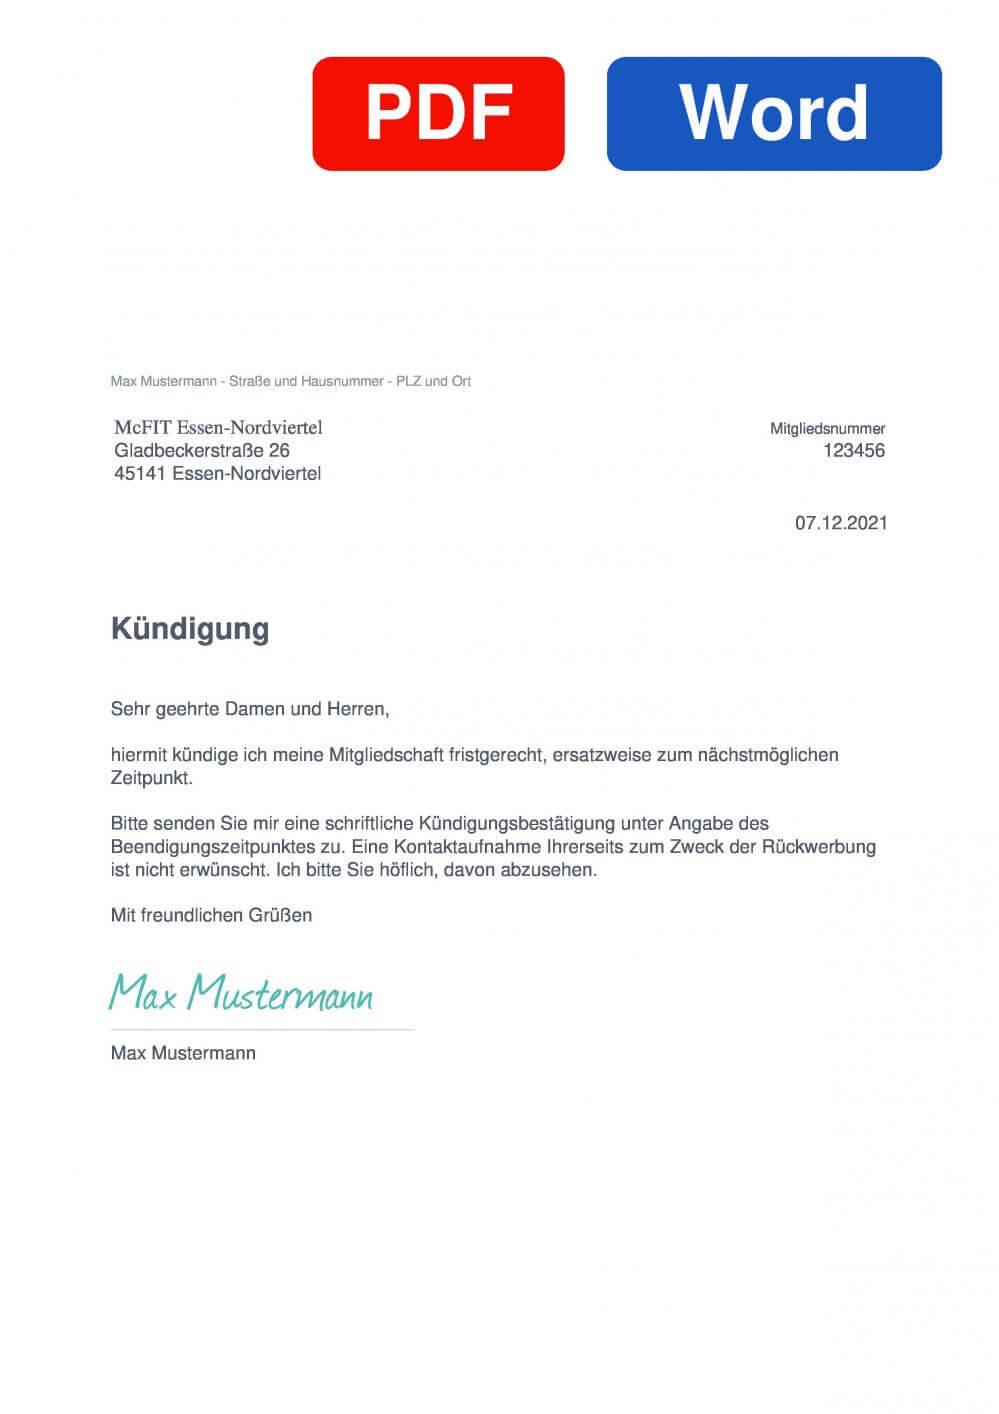 McFIT Essen-Nordviertel Muster Vorlage für Kündigungsschreiben